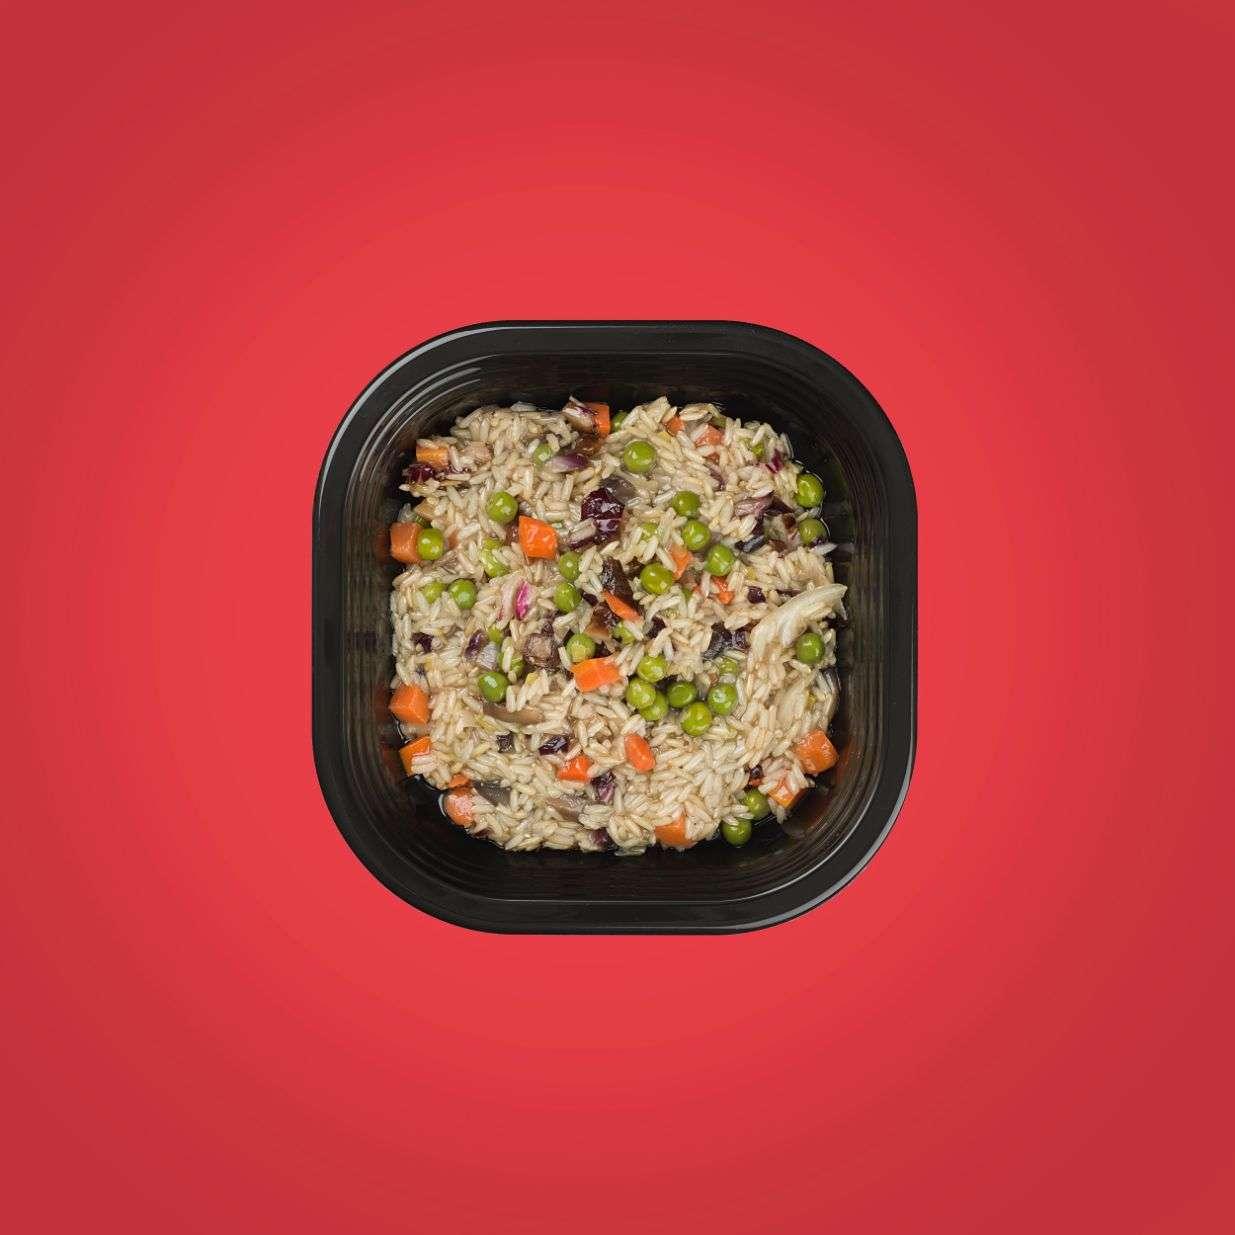 risotto pronto a domicilio risotto veg senza glutine